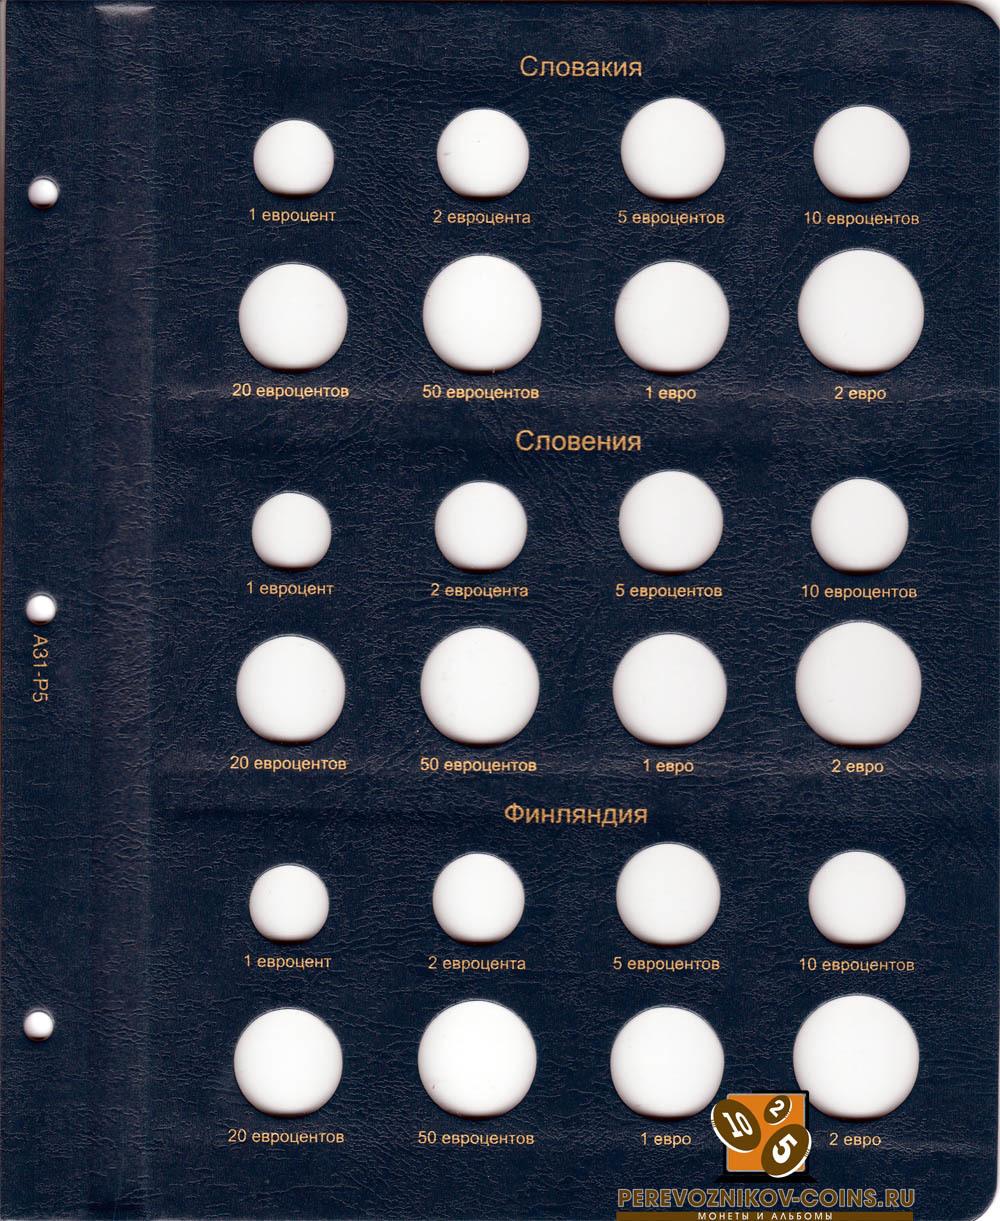 Альбом для монет стран Евросоюза регулярного чекана (без разновидностей) КоллекционерЪ.